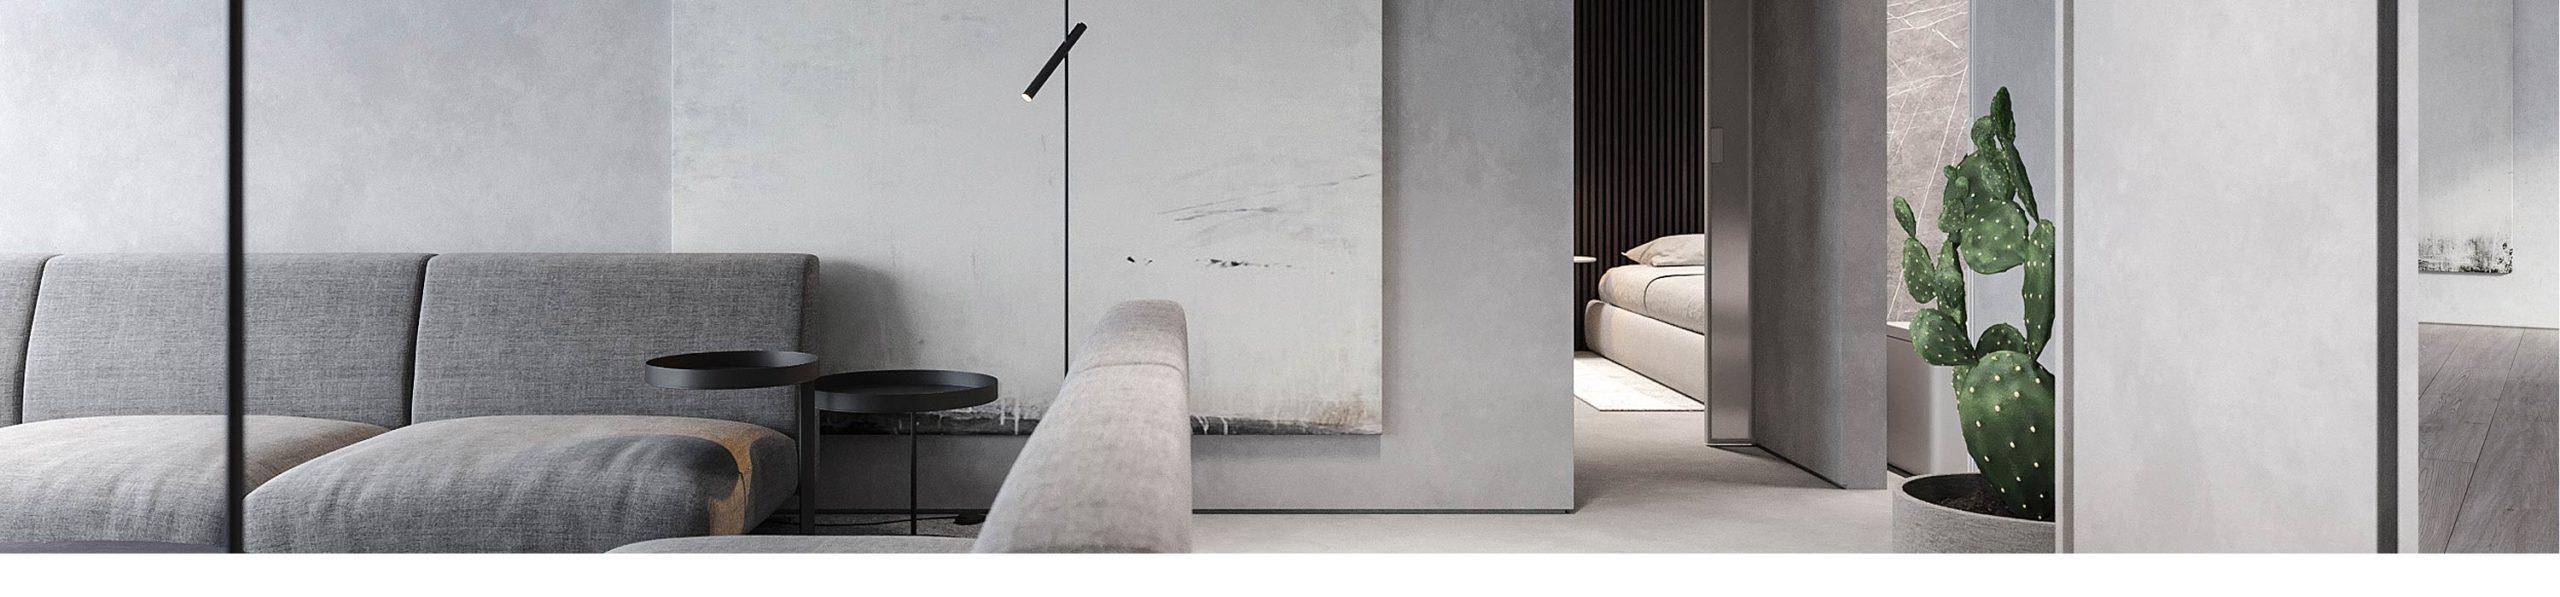 interior-083